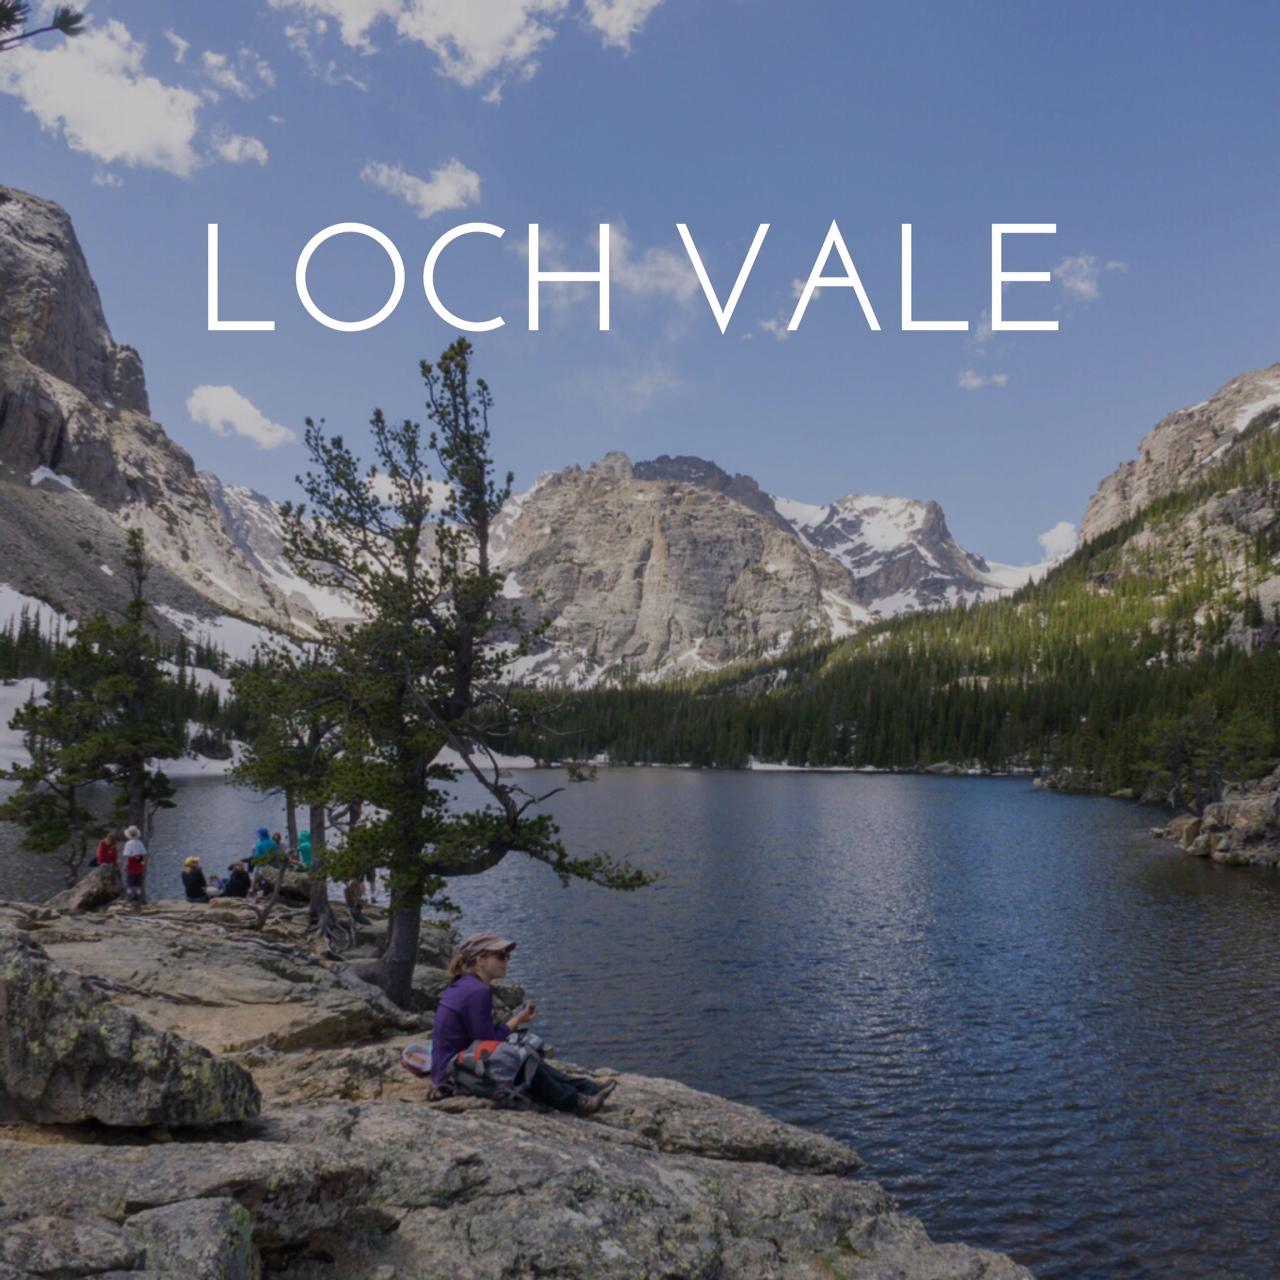 LochValeTitle